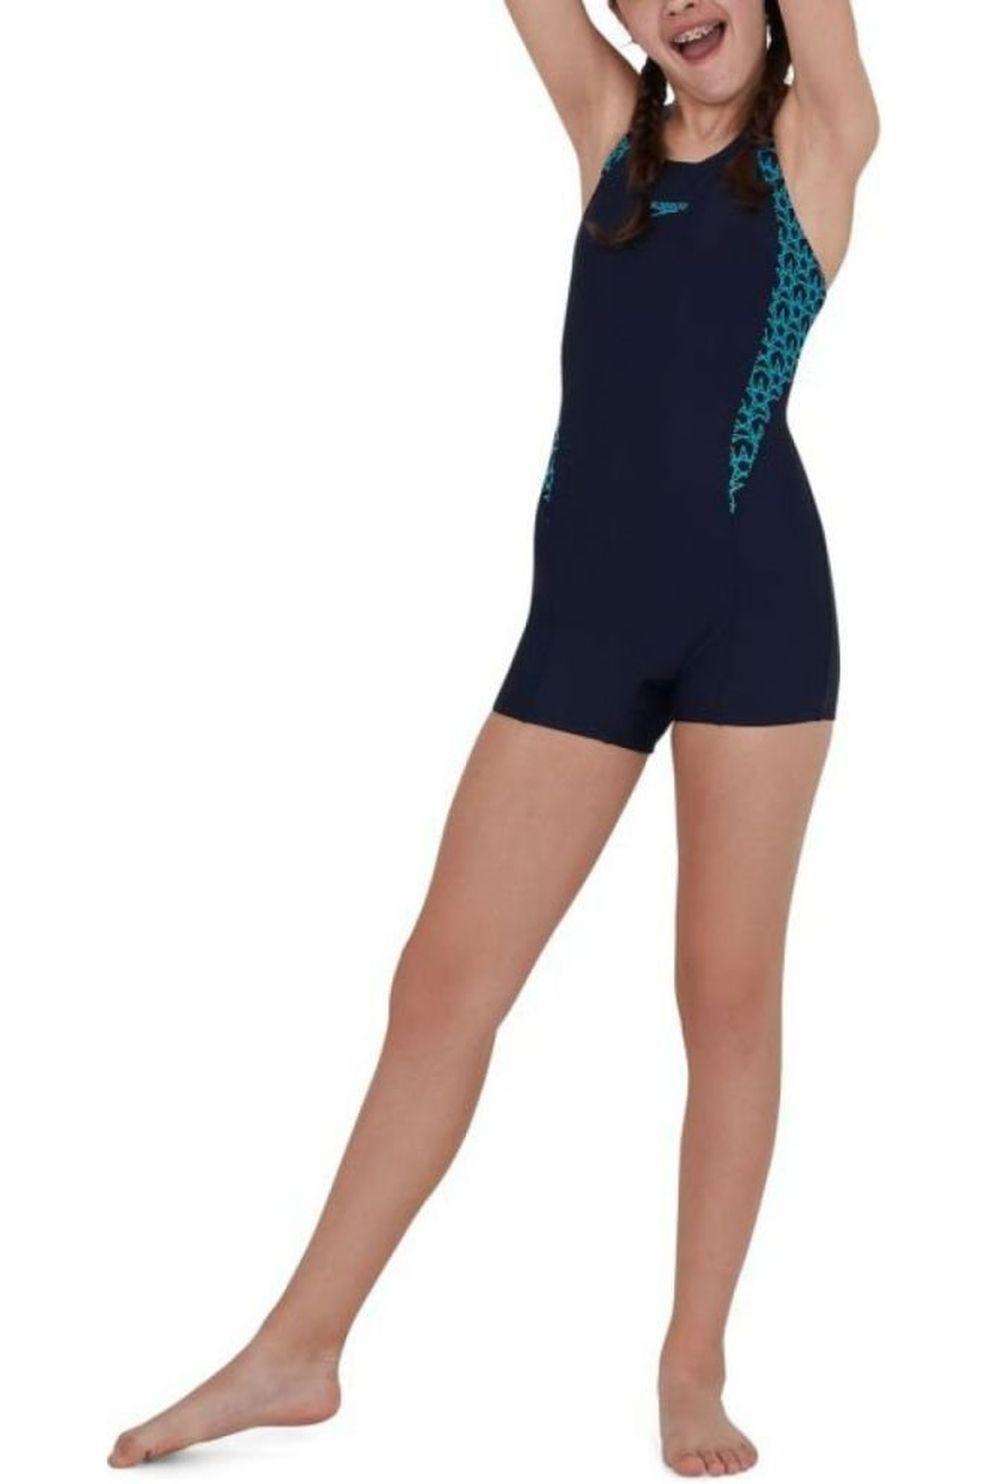 Speedo Badpak Boomstar Splice Legsuit voor meisjes - Blauw - Maten: 128, 140, 152, 164, 176